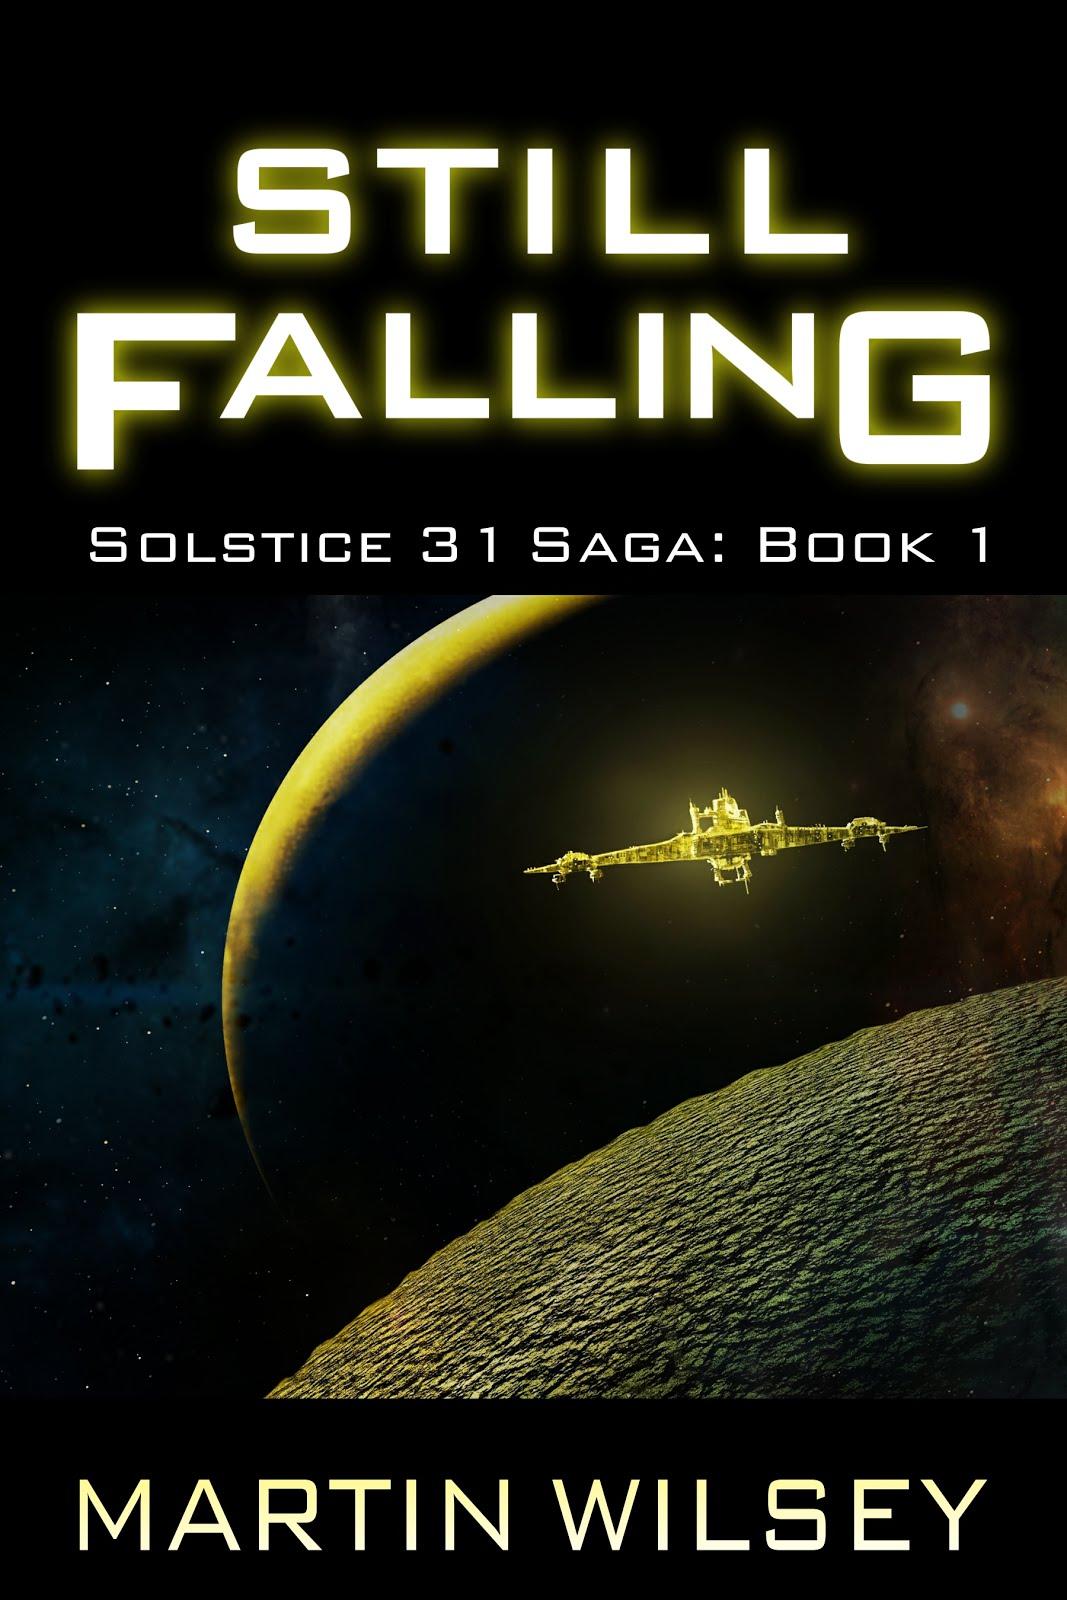 Solstice 31 Saga: Book 1